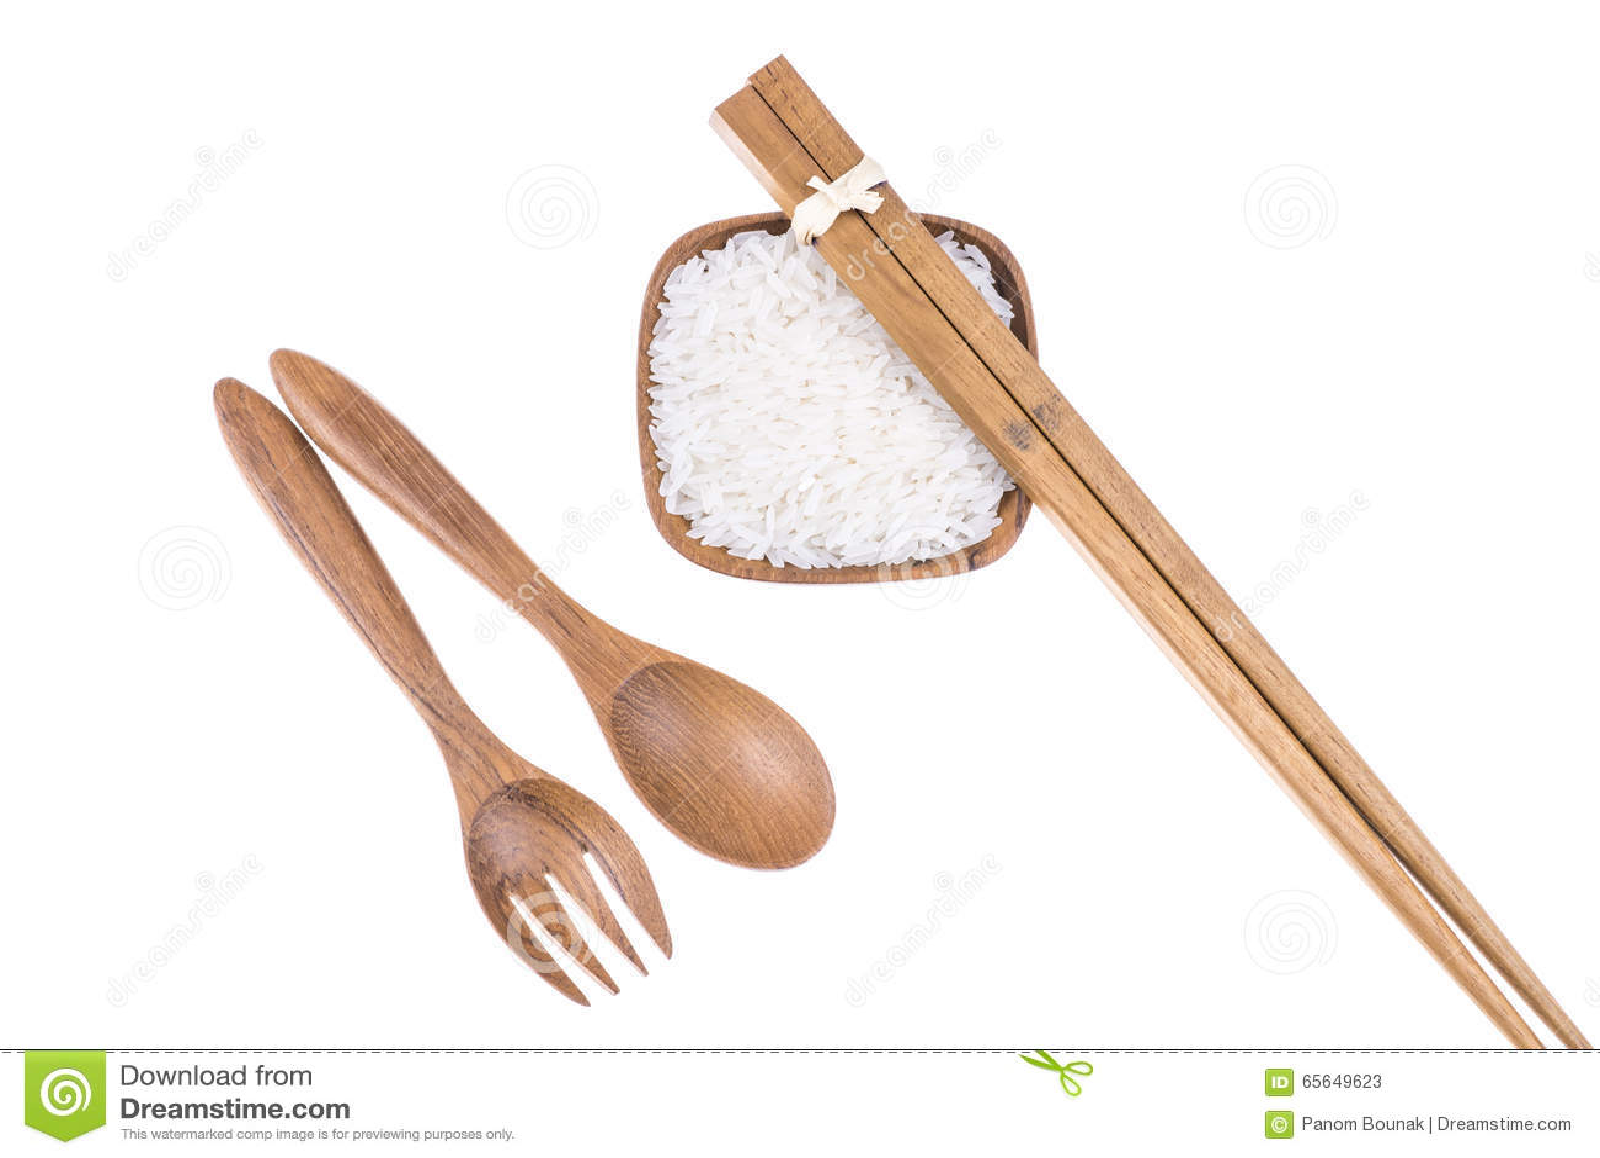 Fourchette, cuillère et baguettes en bois naturelles avec du riz dans la cuvette